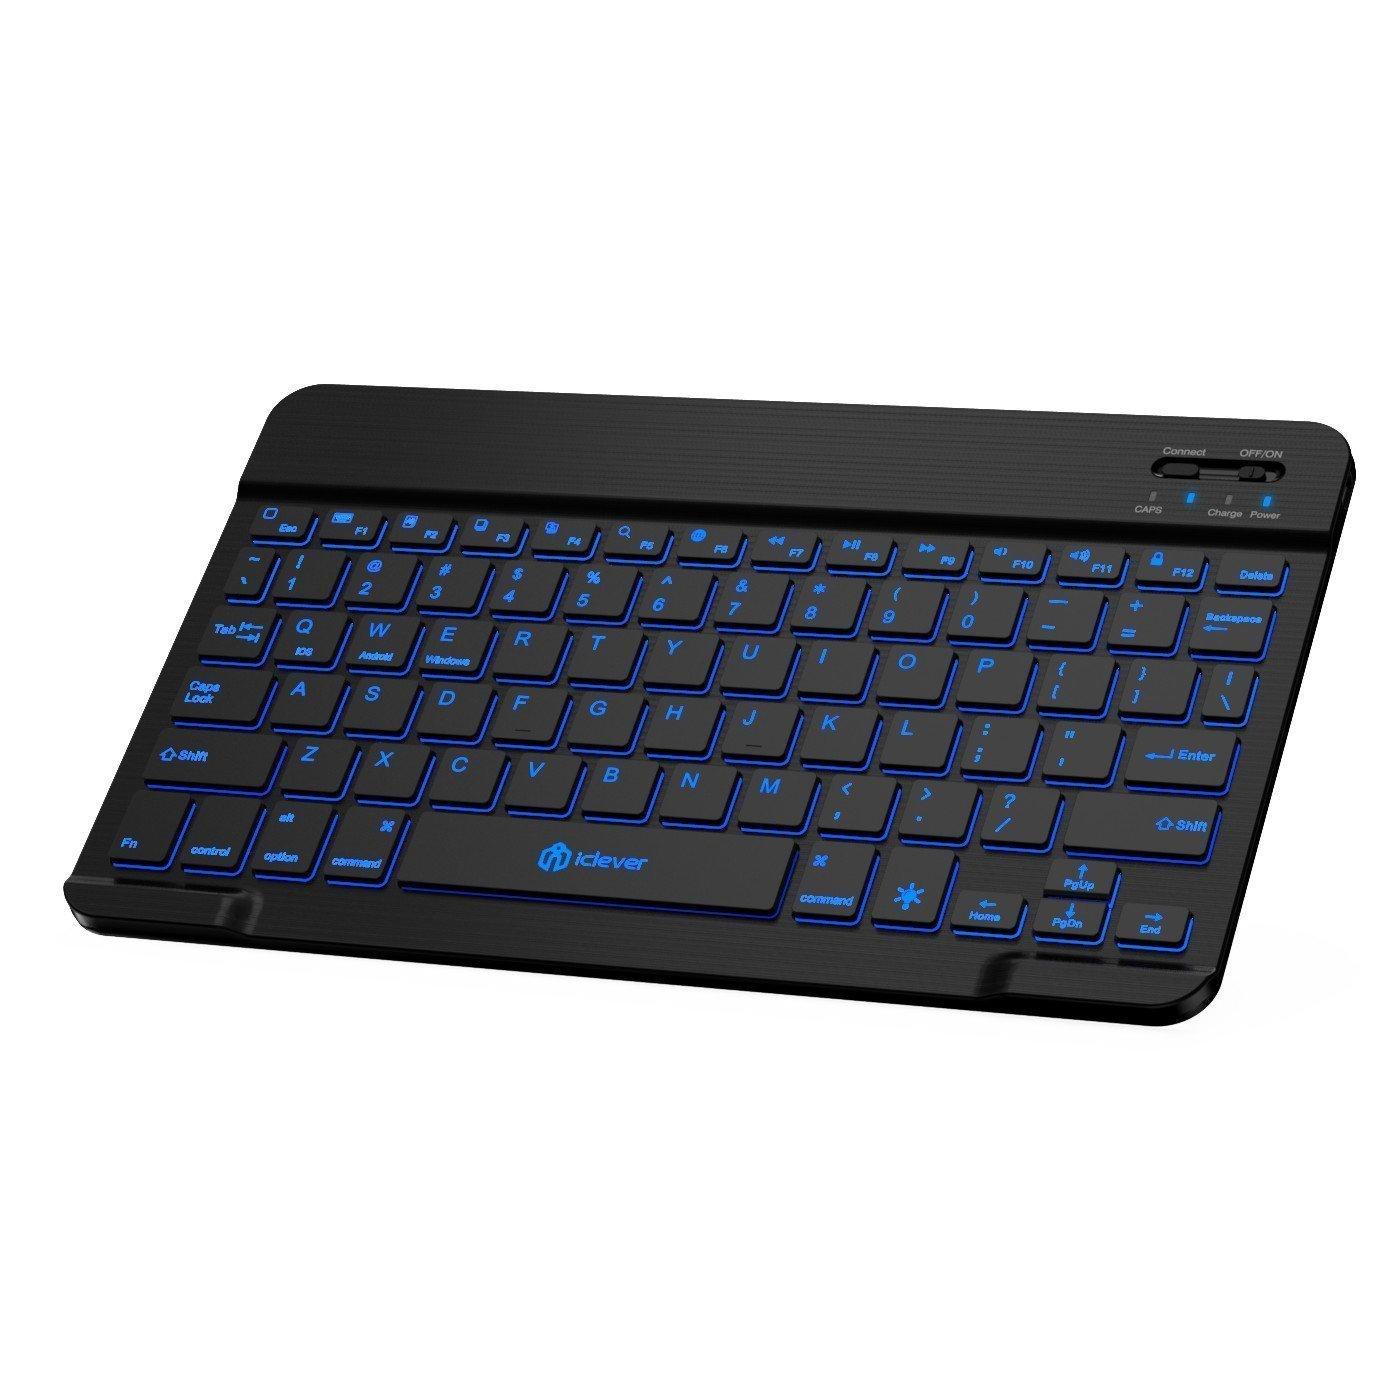 Teclado inalámbrico, teclado universal iClever con retroiluminación LED de 7 colores (QWERTY ES Layout), batería recargable incorporada, teclado portátil Slim Bluetooth silencioso para Windows, iOS, Mac, otras tabletas y teléfonos inteligentes IC-BK04